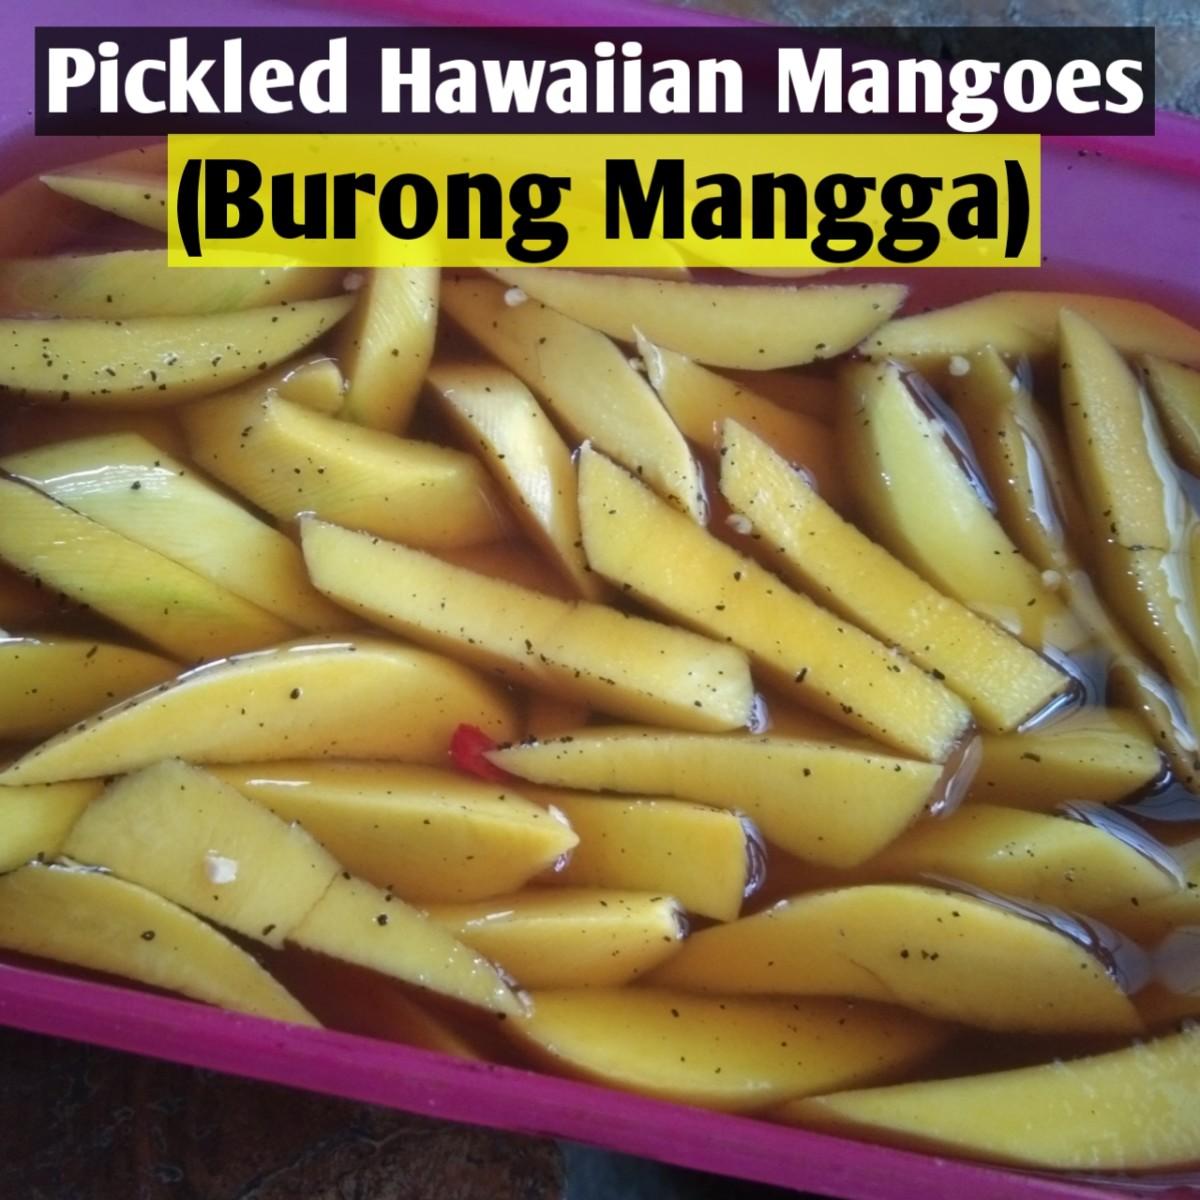 Pickled Hawaiian mangoes (burong mangga)